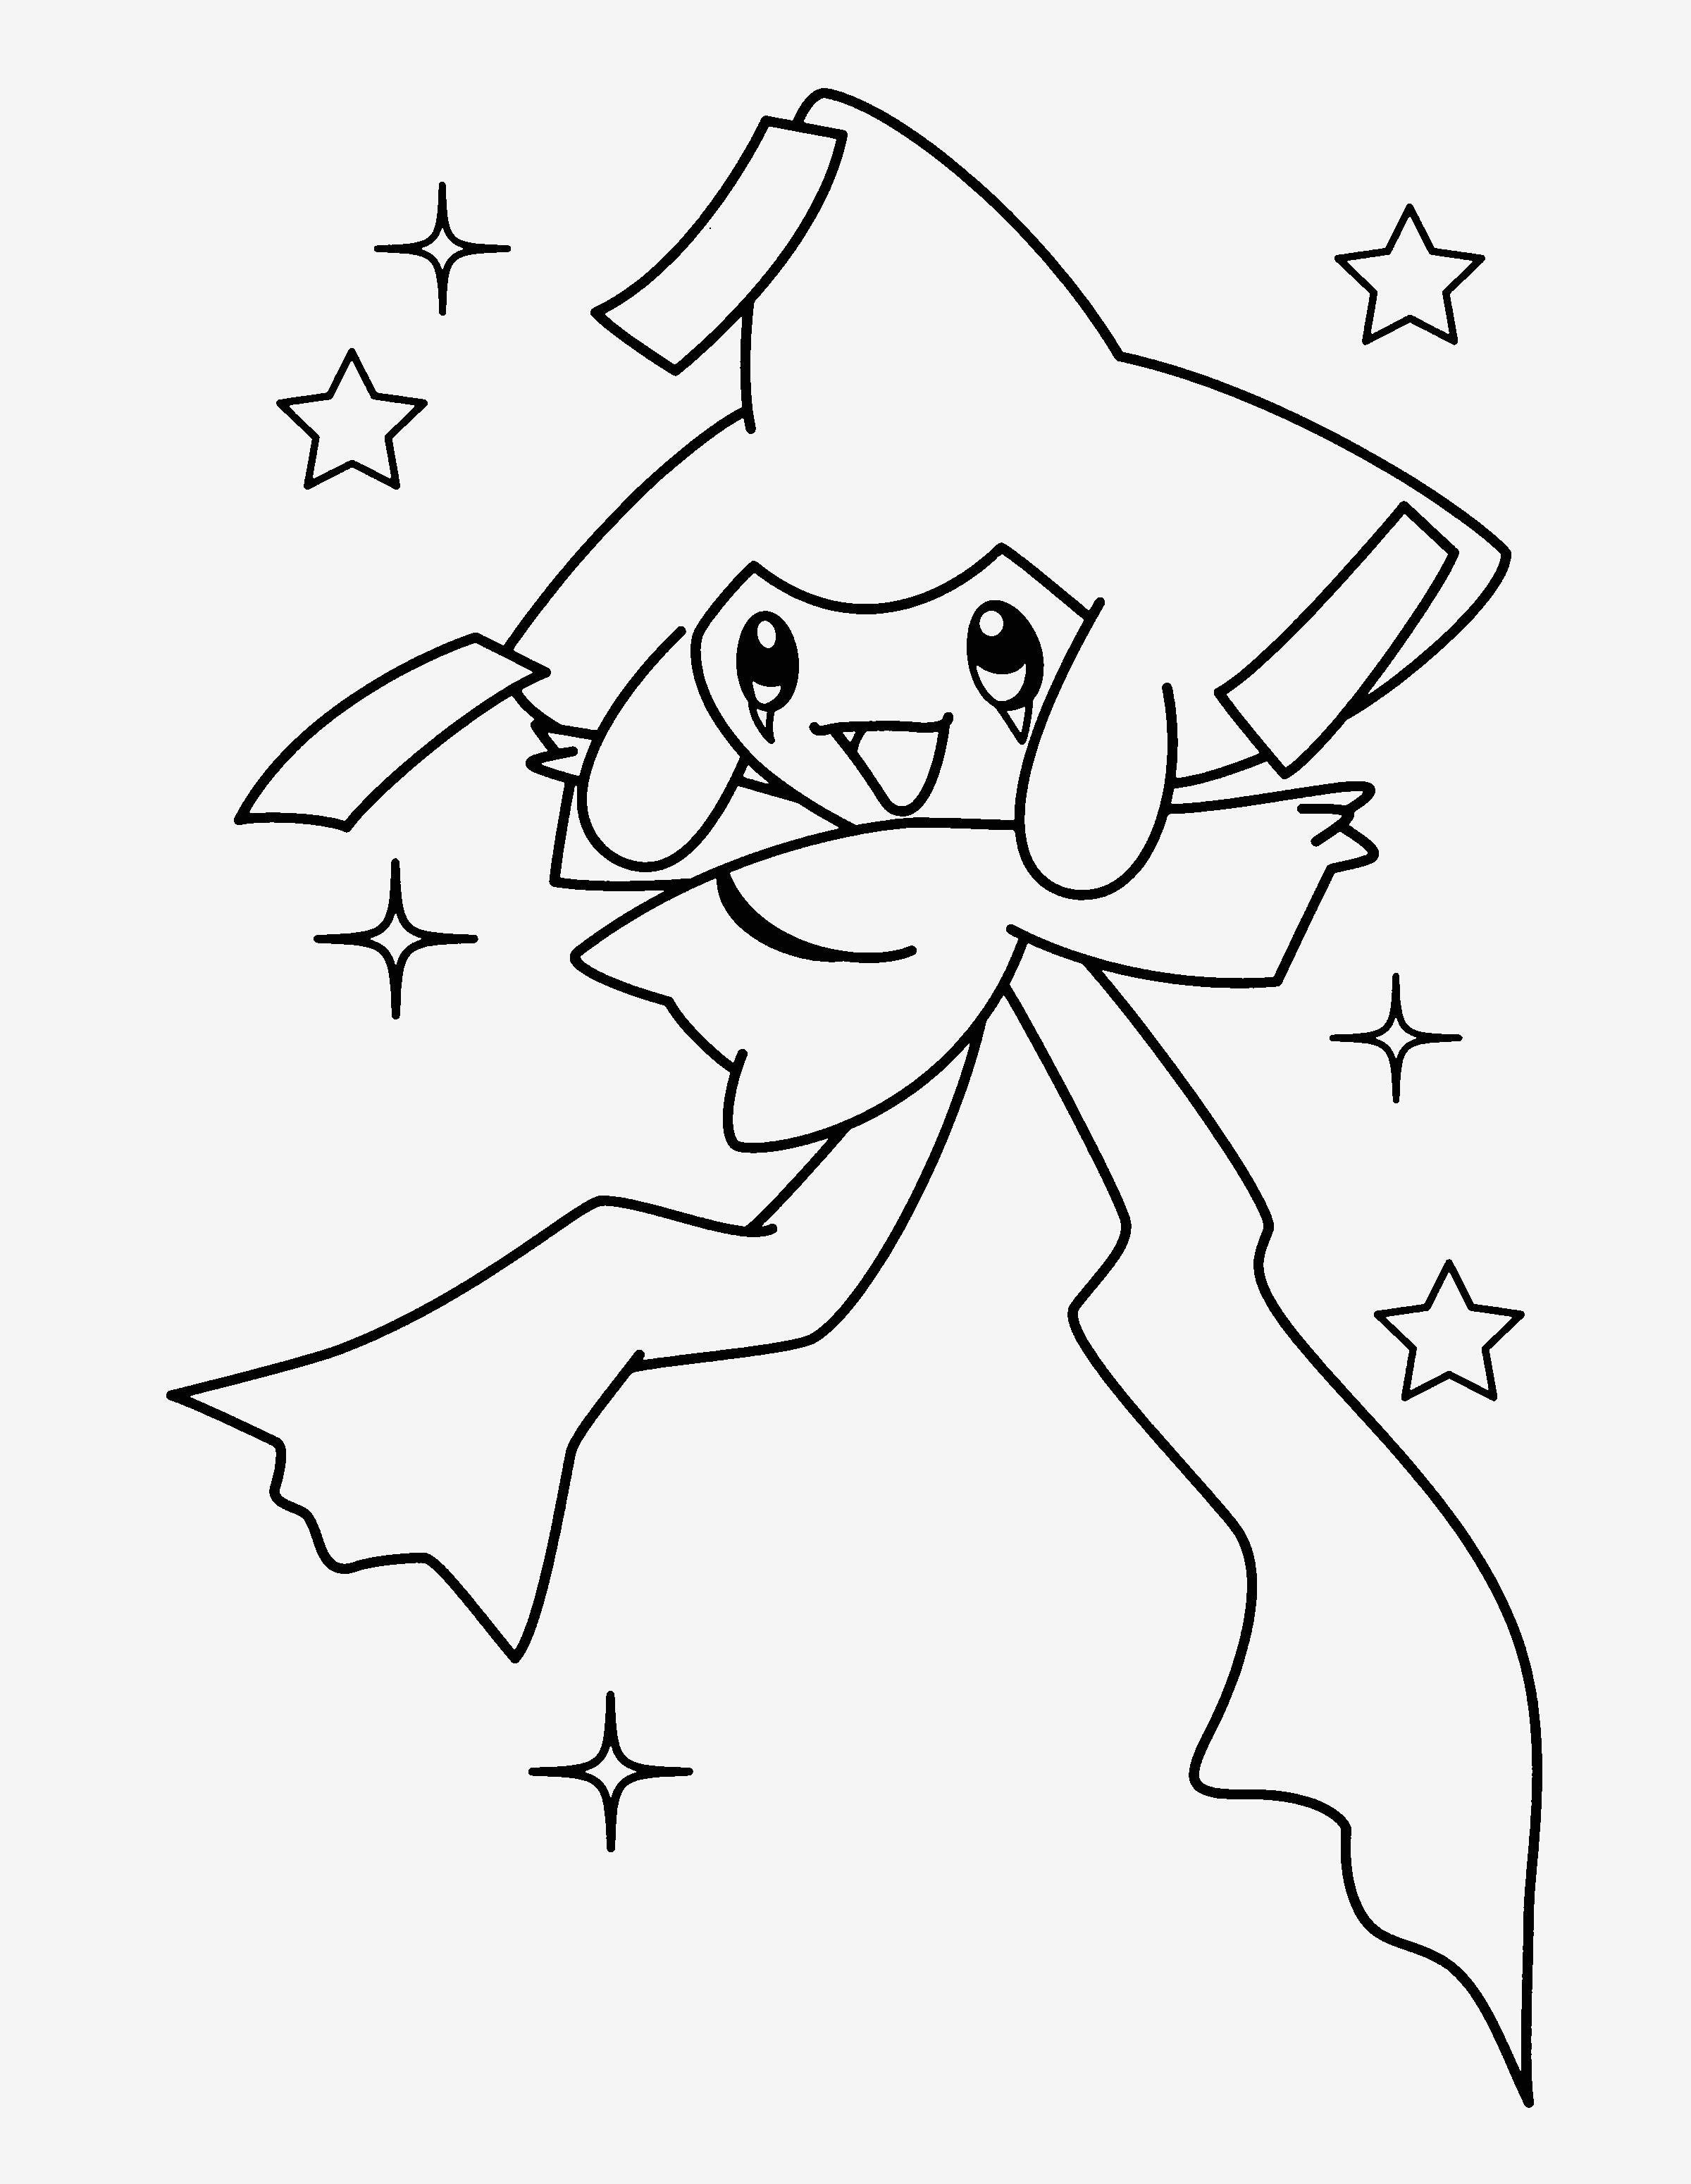 Ausmalbilder Emojis Unicorn Einzigartig 30 Schön Einhorn Emoji Ausmalbilder – Malvorlagen Ideen Fotos